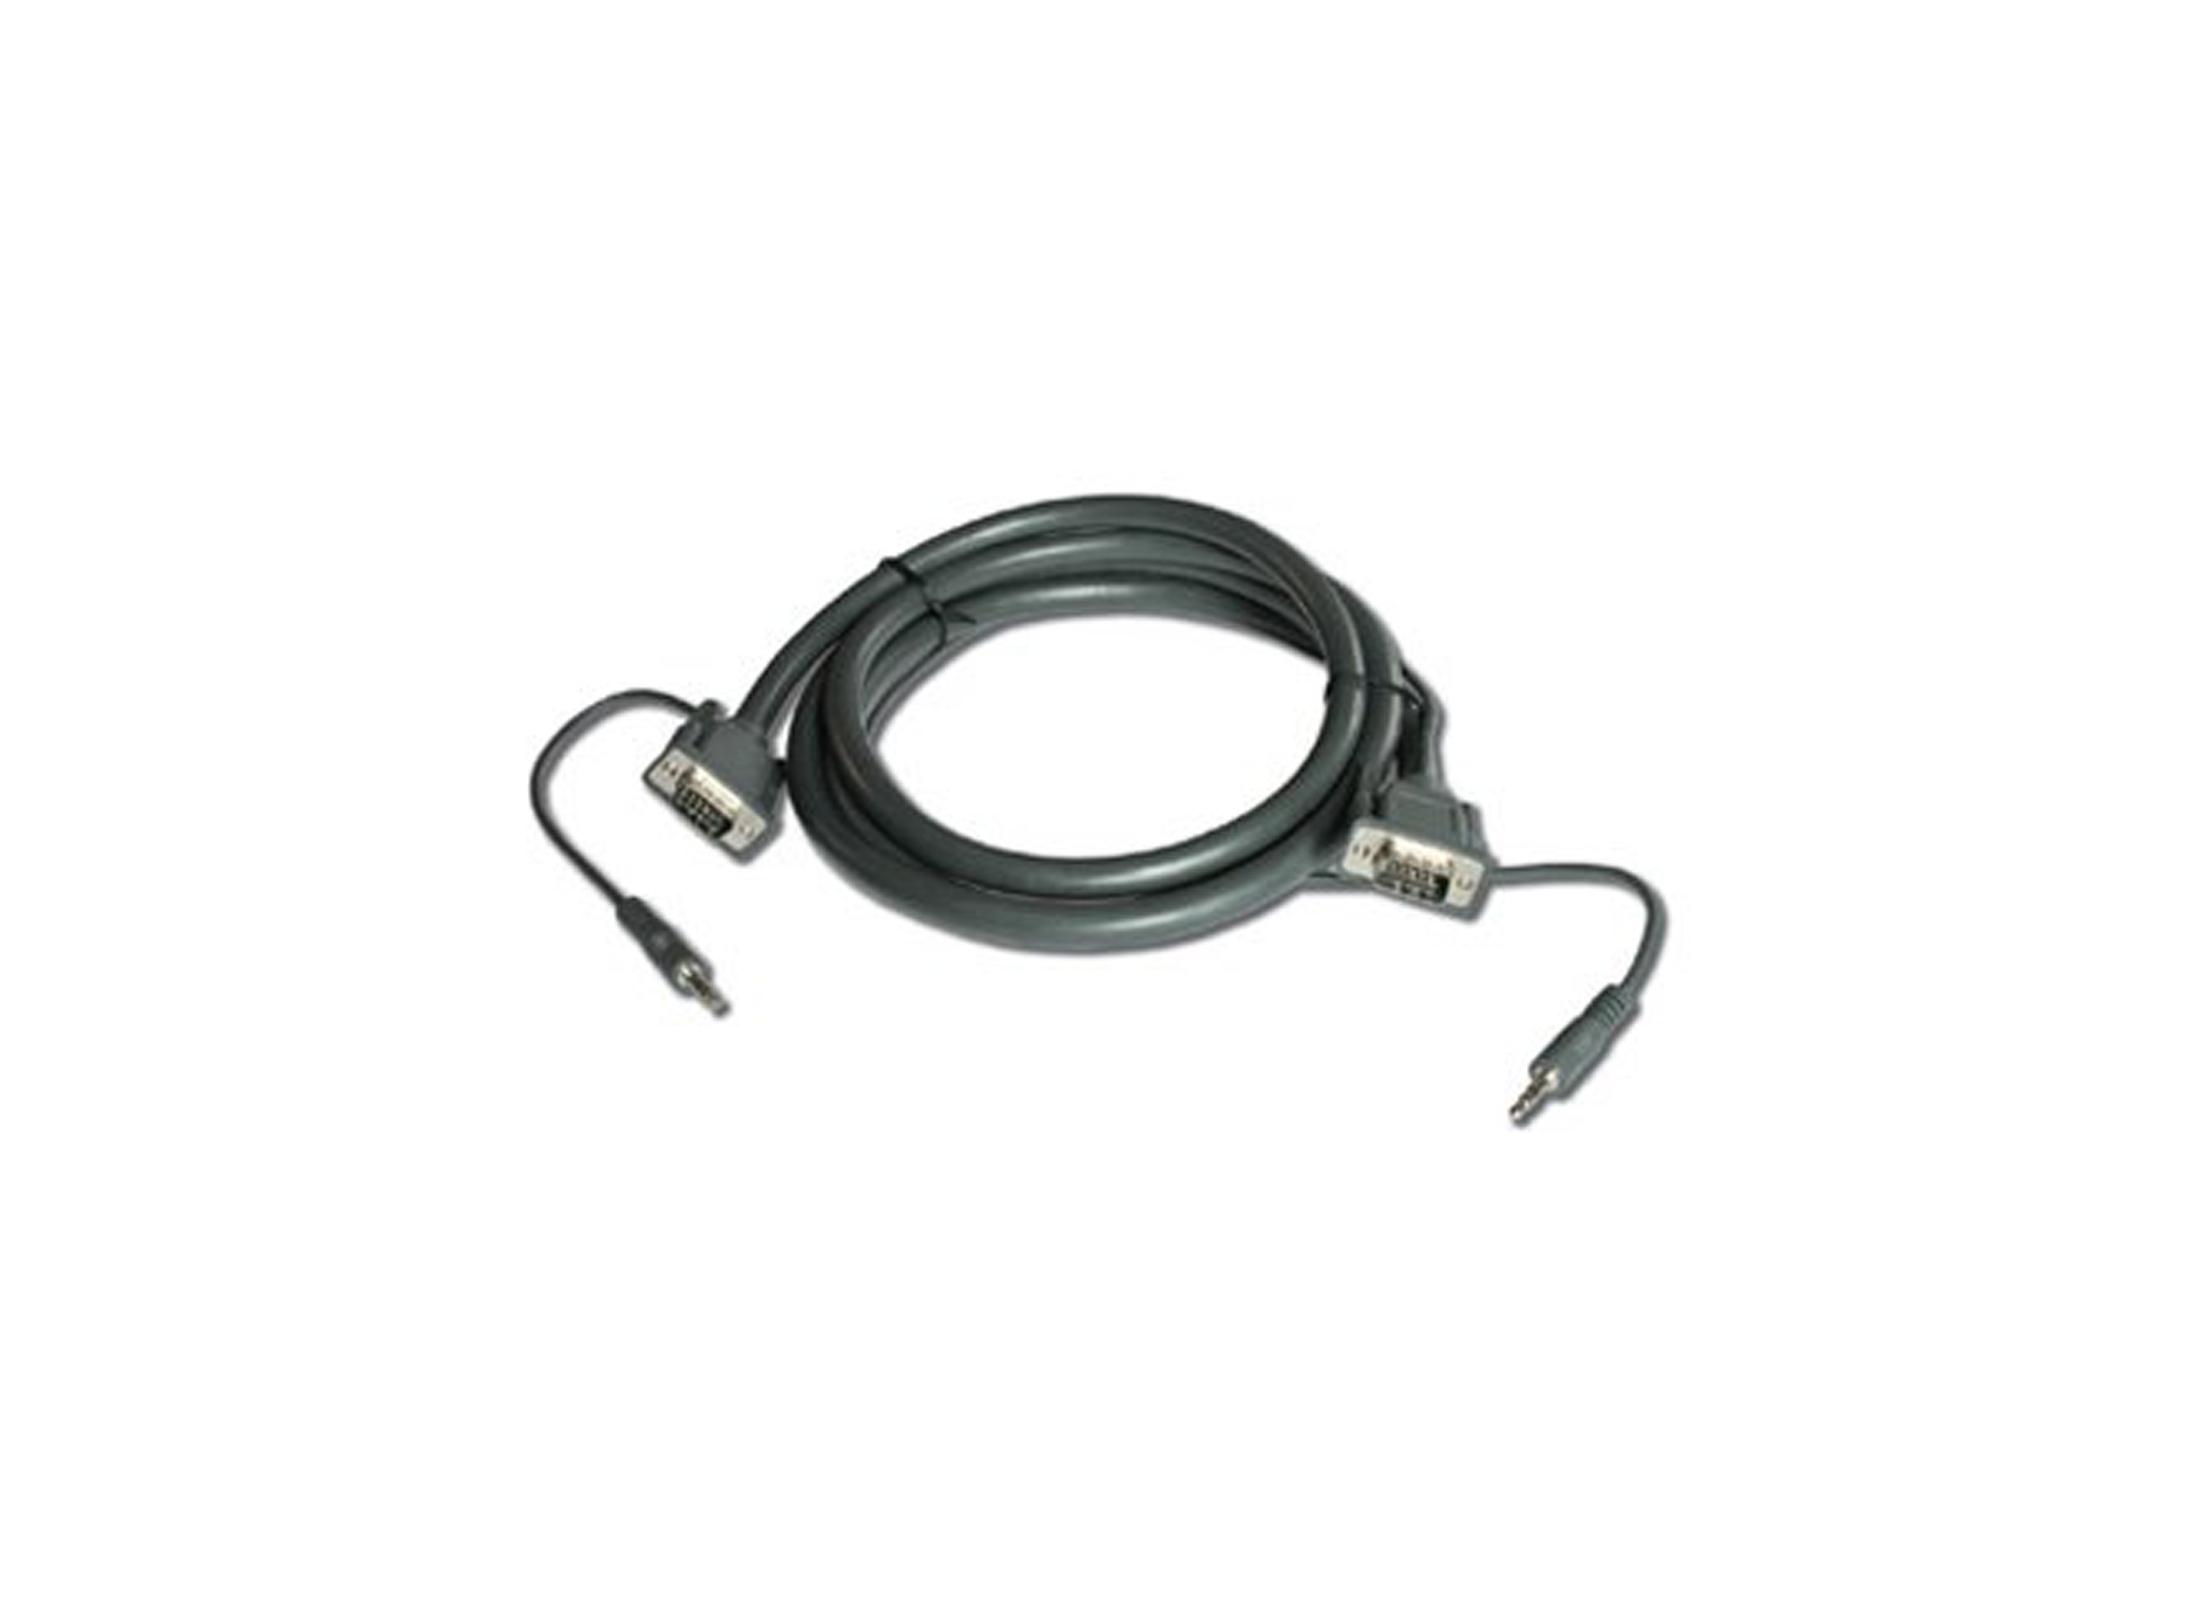 Kramer C Gma Gma 25 Vga Audio Kabel 7 6m Gunstig Online